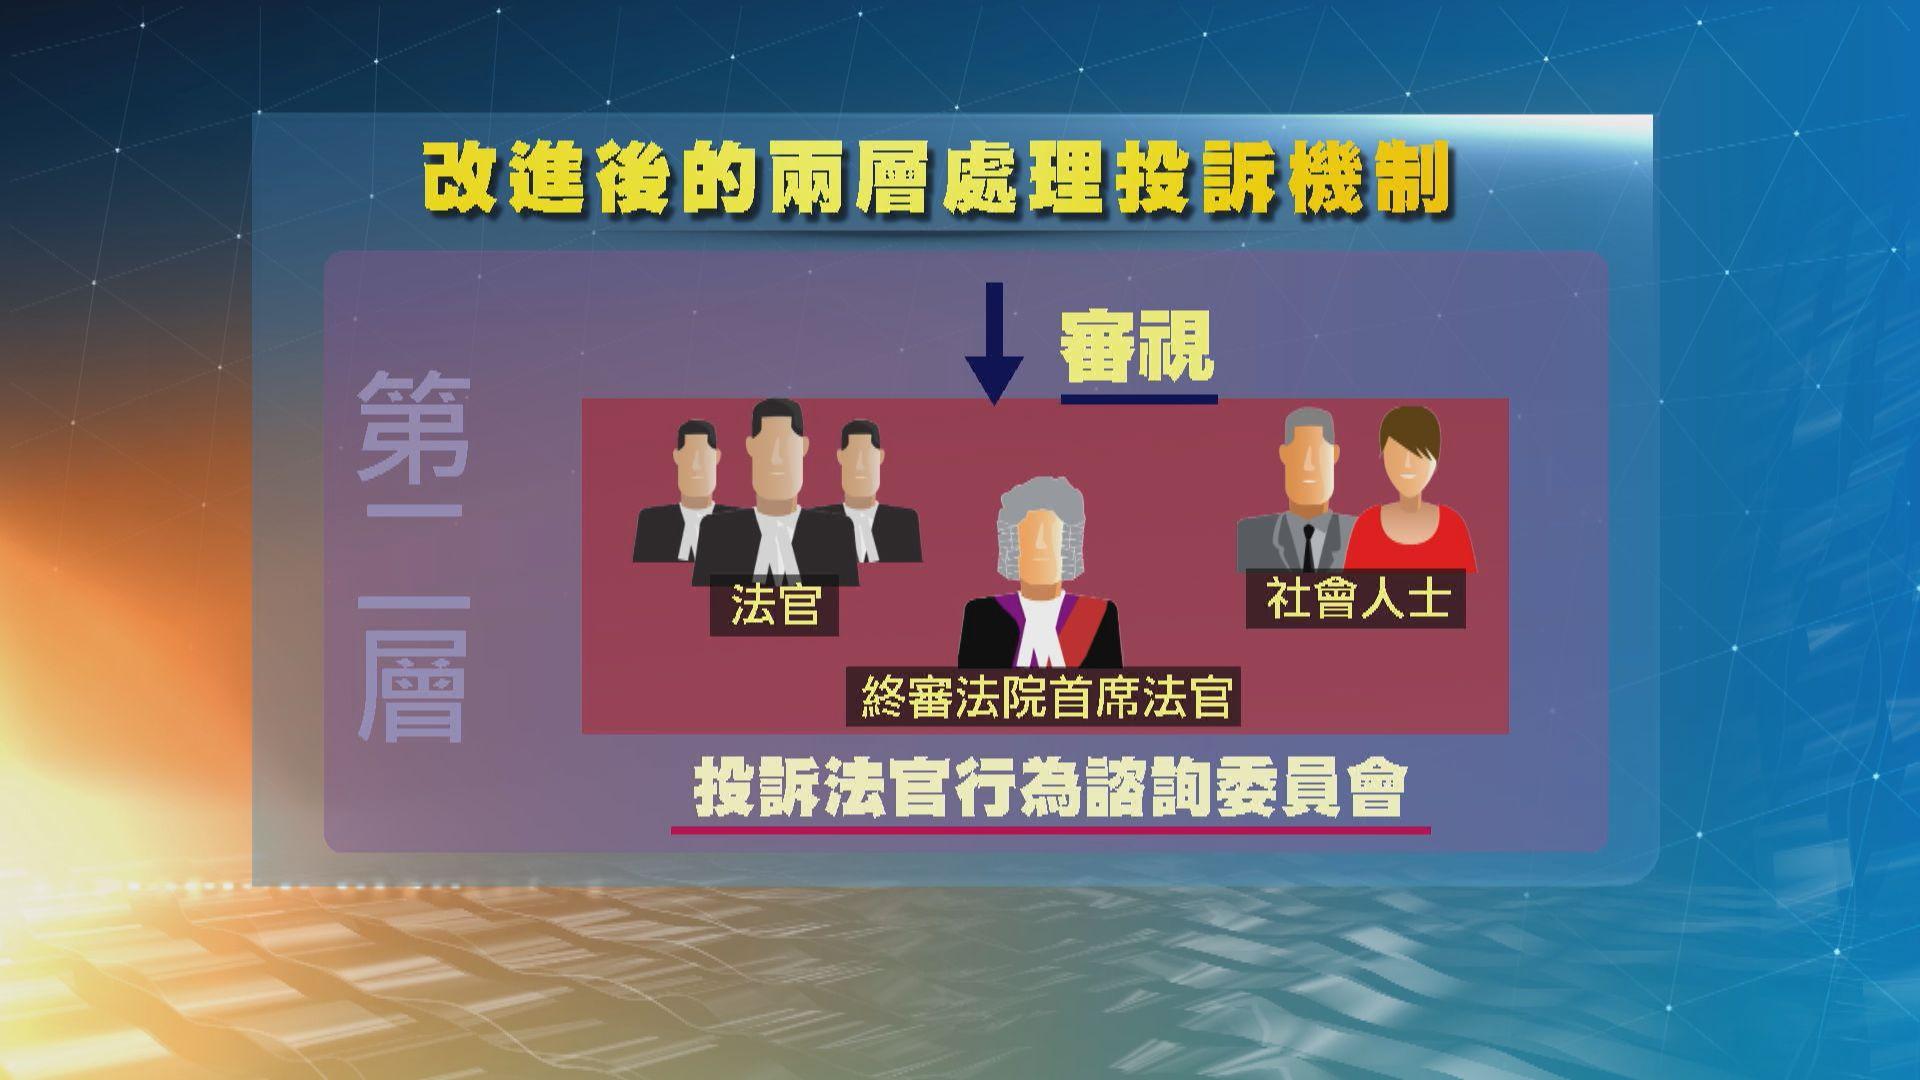 司法機構:公眾人士參與審視法官投訴須沒政治背景